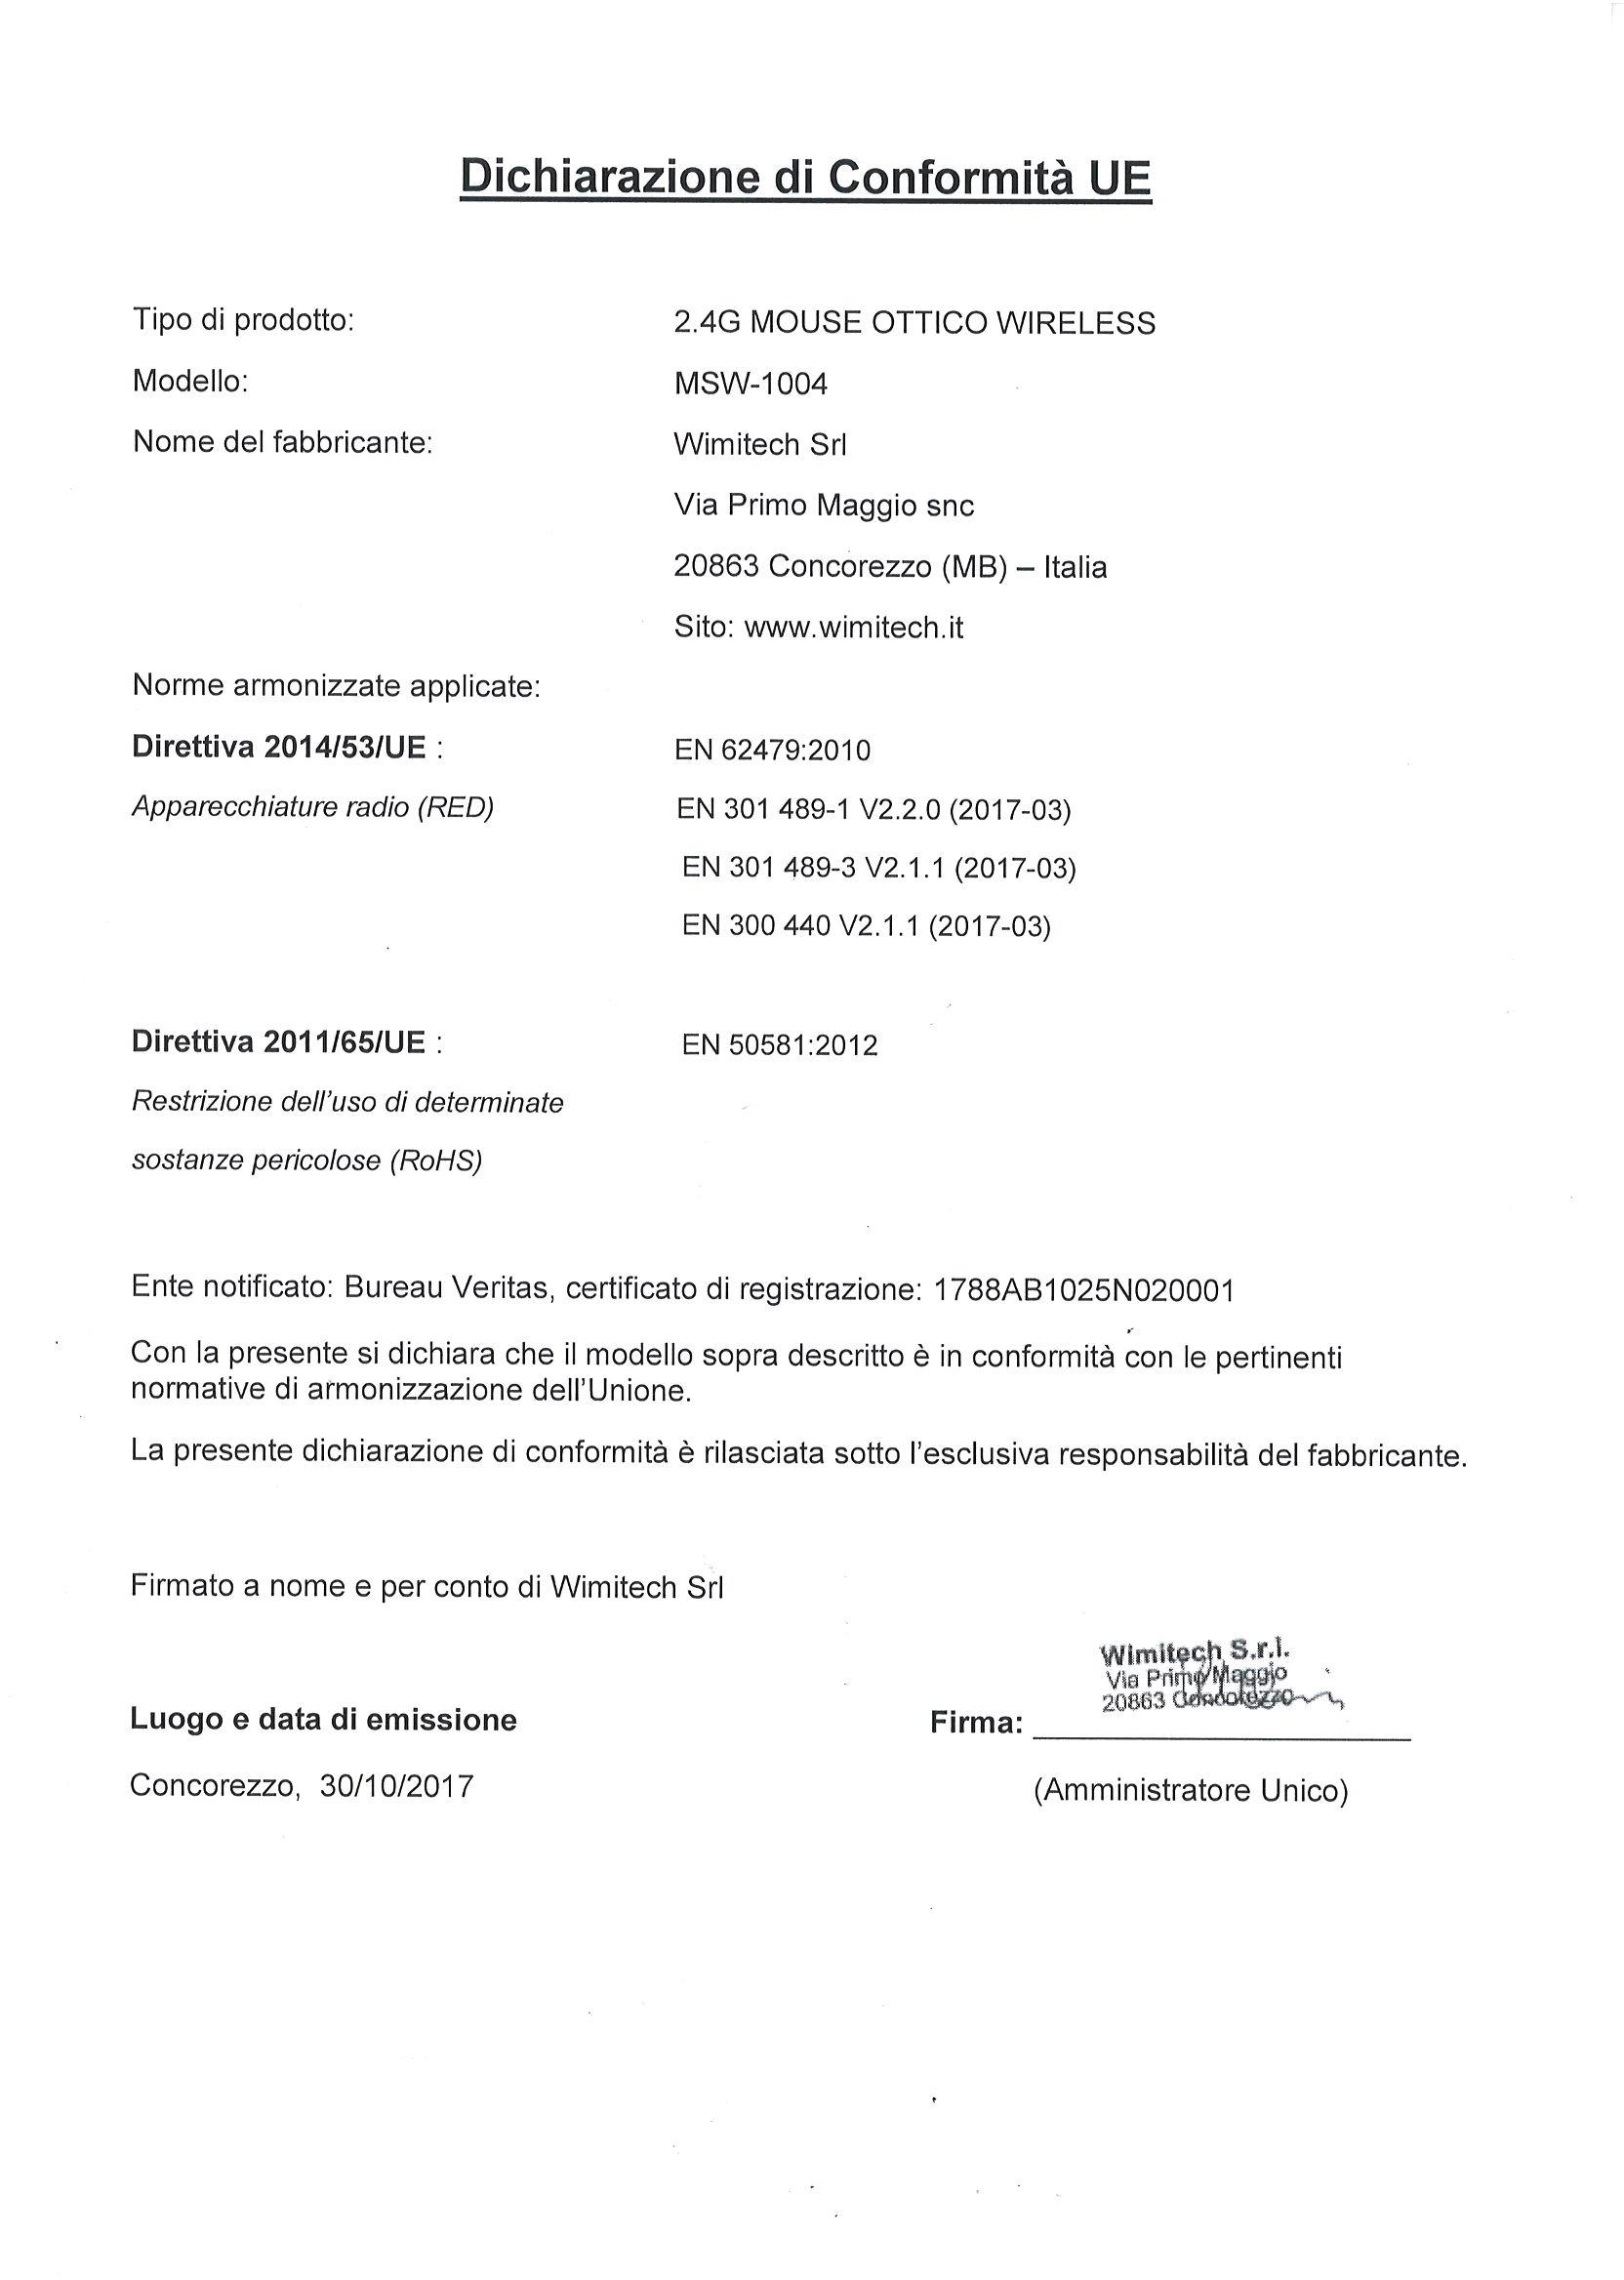 dichiarazione di conformita MSW-1004